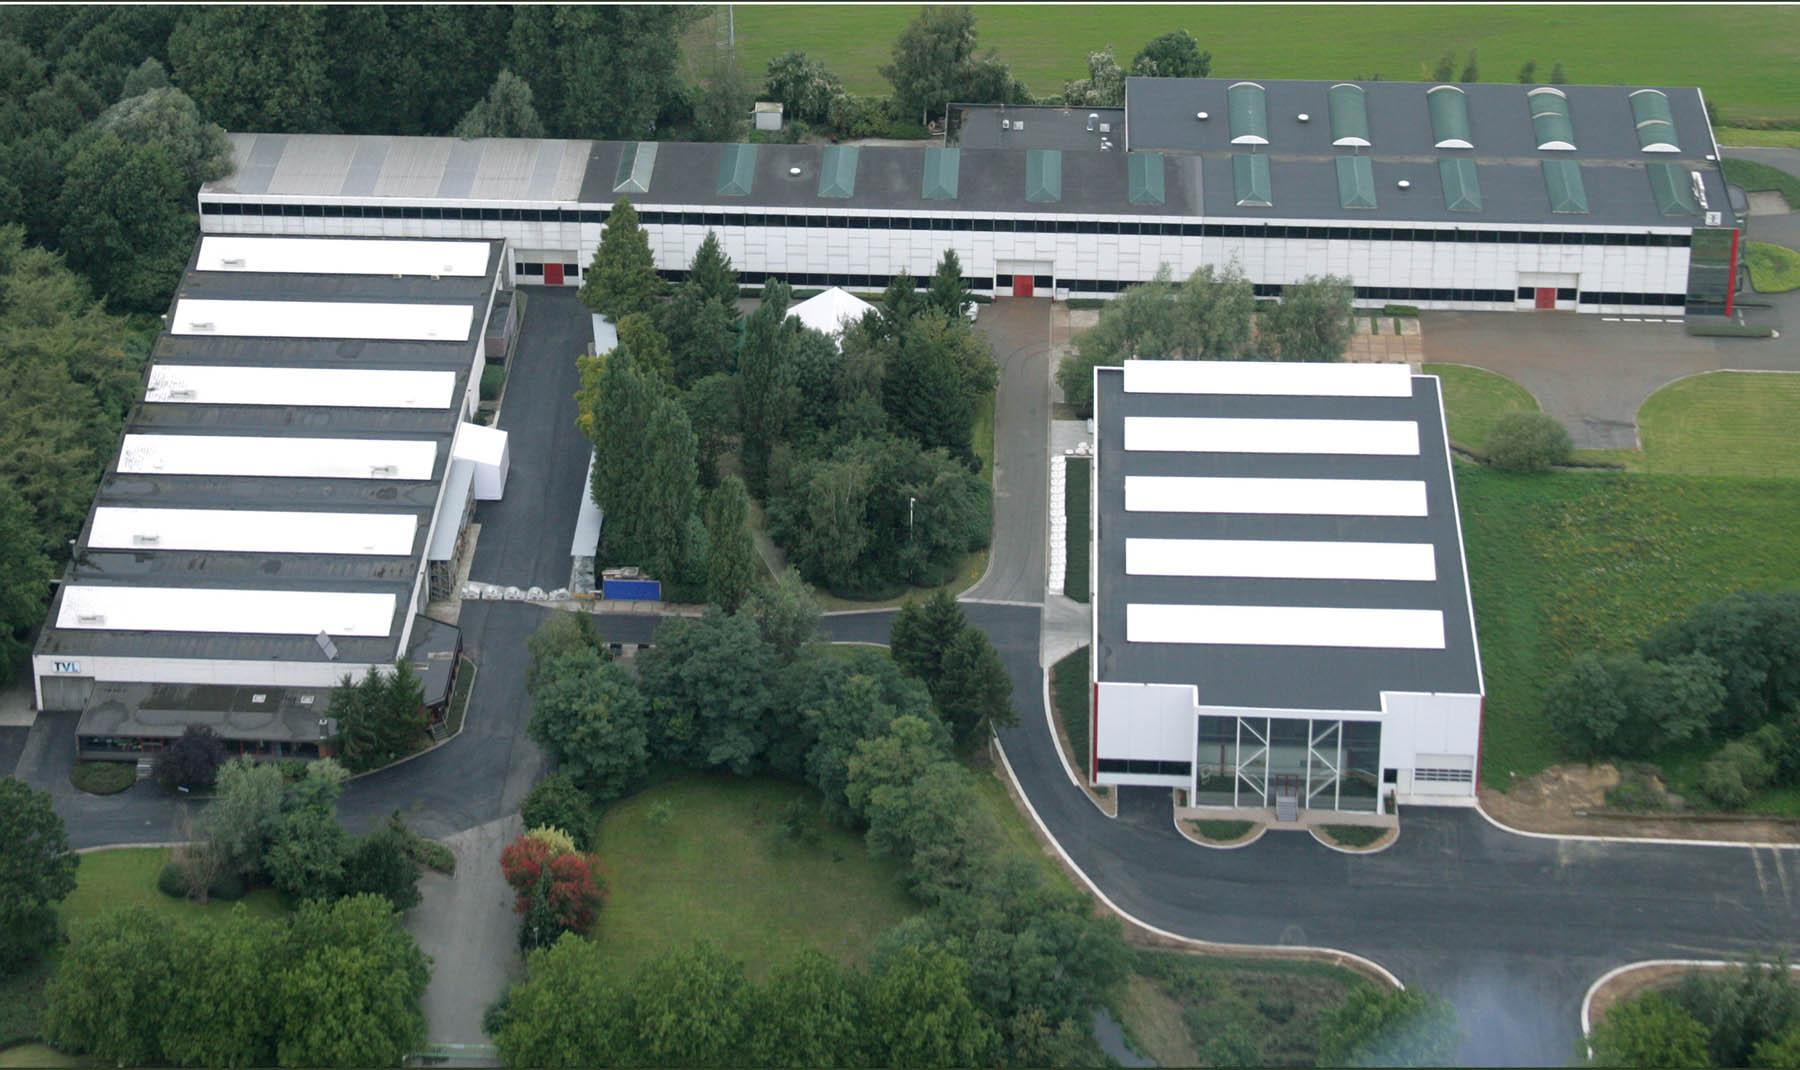 Konstruktiewerkhuizen Van Landuyt verhuist naar Zele, extra opslagruimte voor TVL